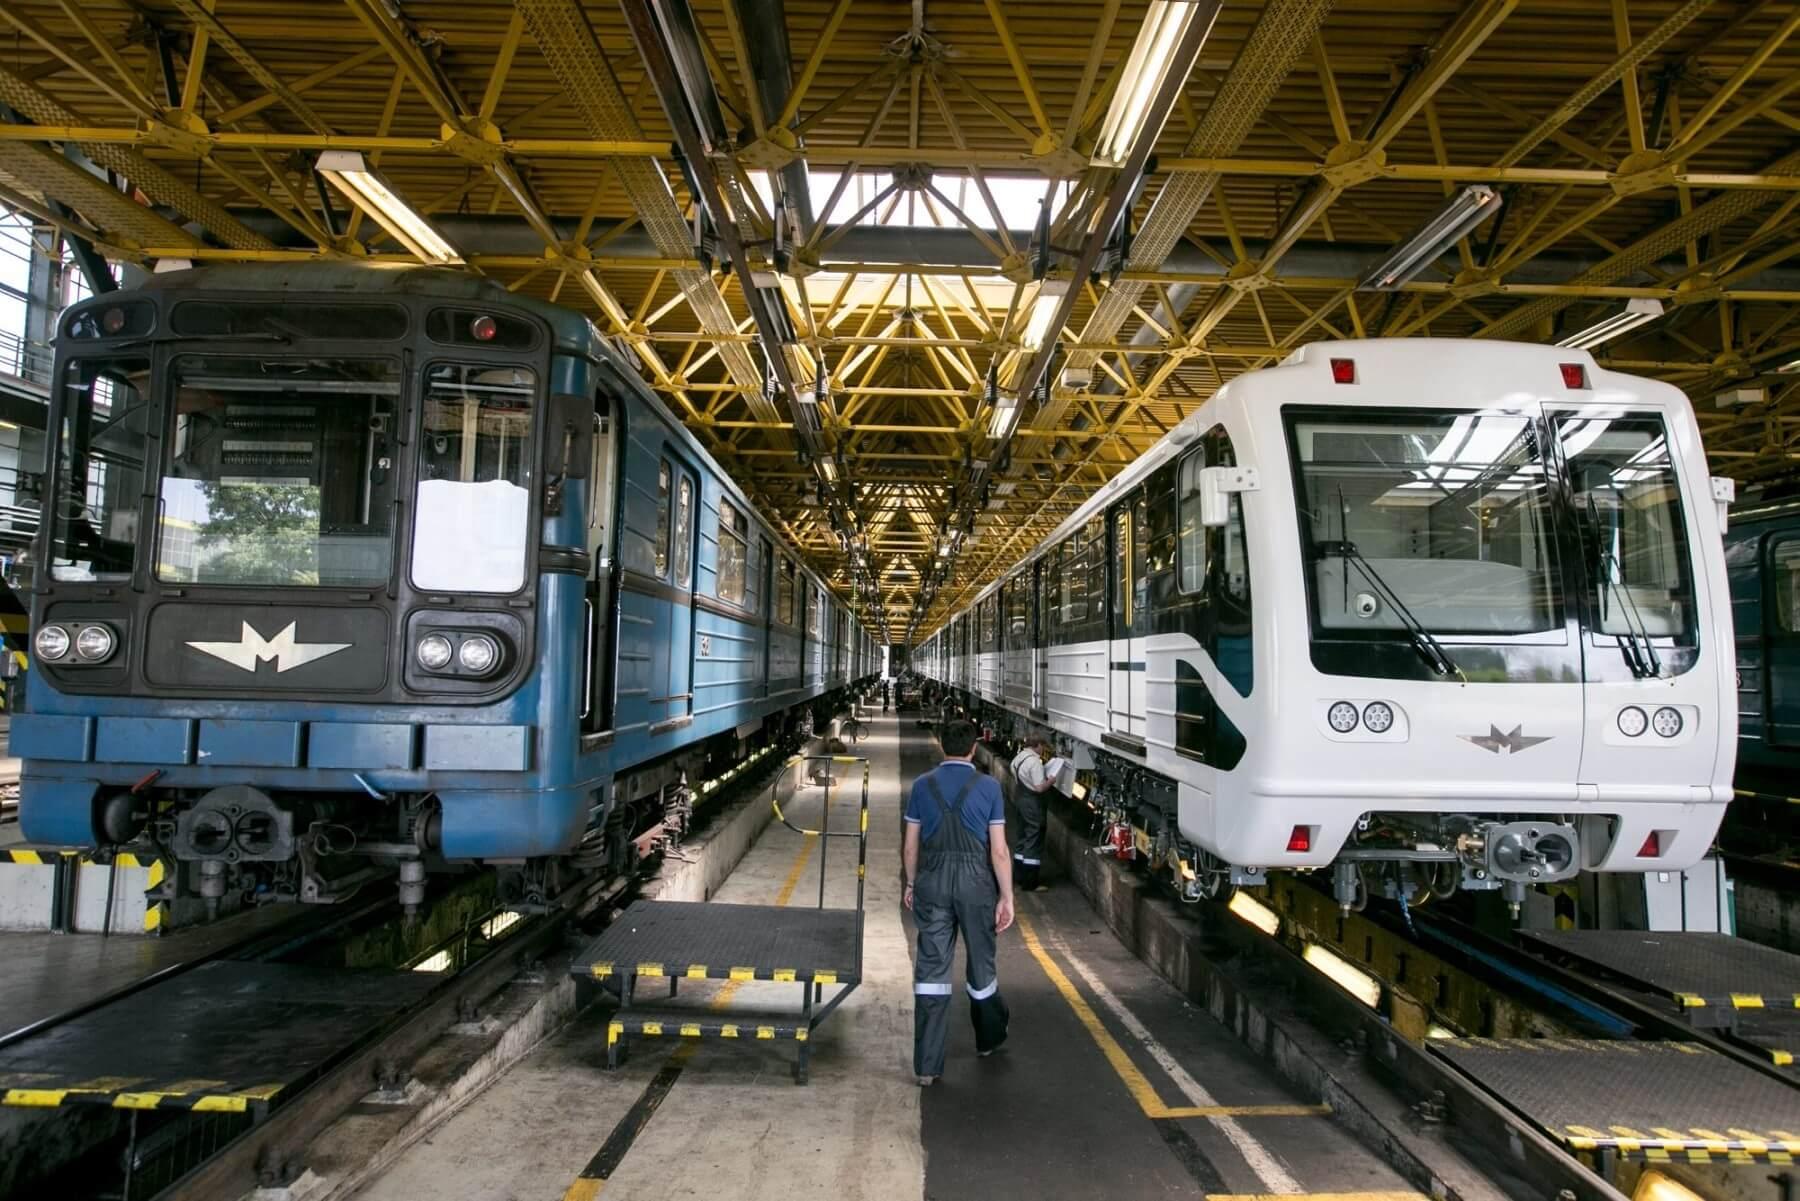 Kiderült, melyik vállalat újítja fel az M3-as metró déli állomásait